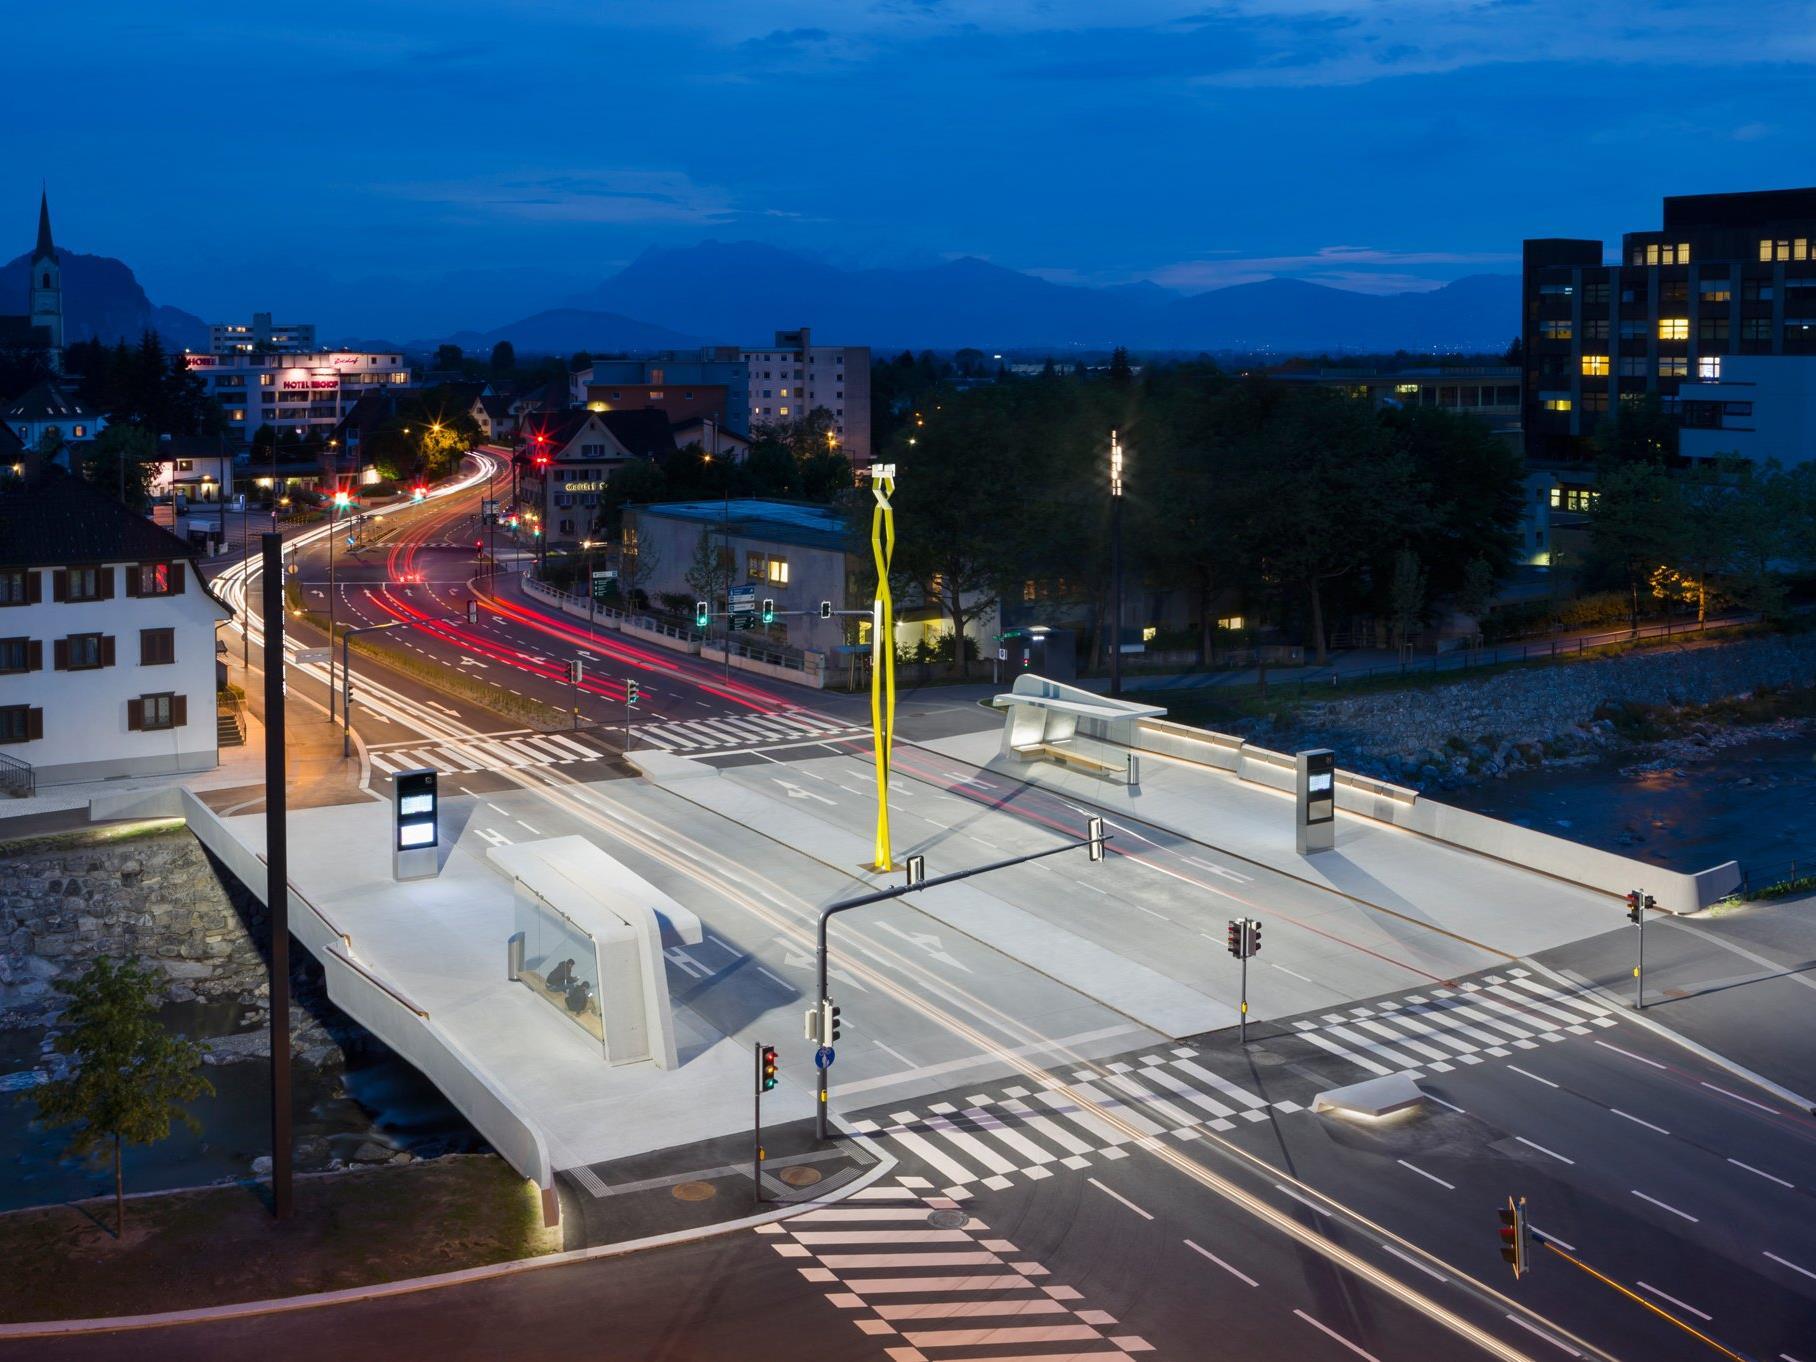 Die Herausforderung für die Lichtlösung lag darin, mit nur zwei Positionen für die Montage von Supersystem outdoor eine gleichmäßige Ausleuchtung über die gesamte Fläche und alle Fahrbahnen hinweg zu schaffen.